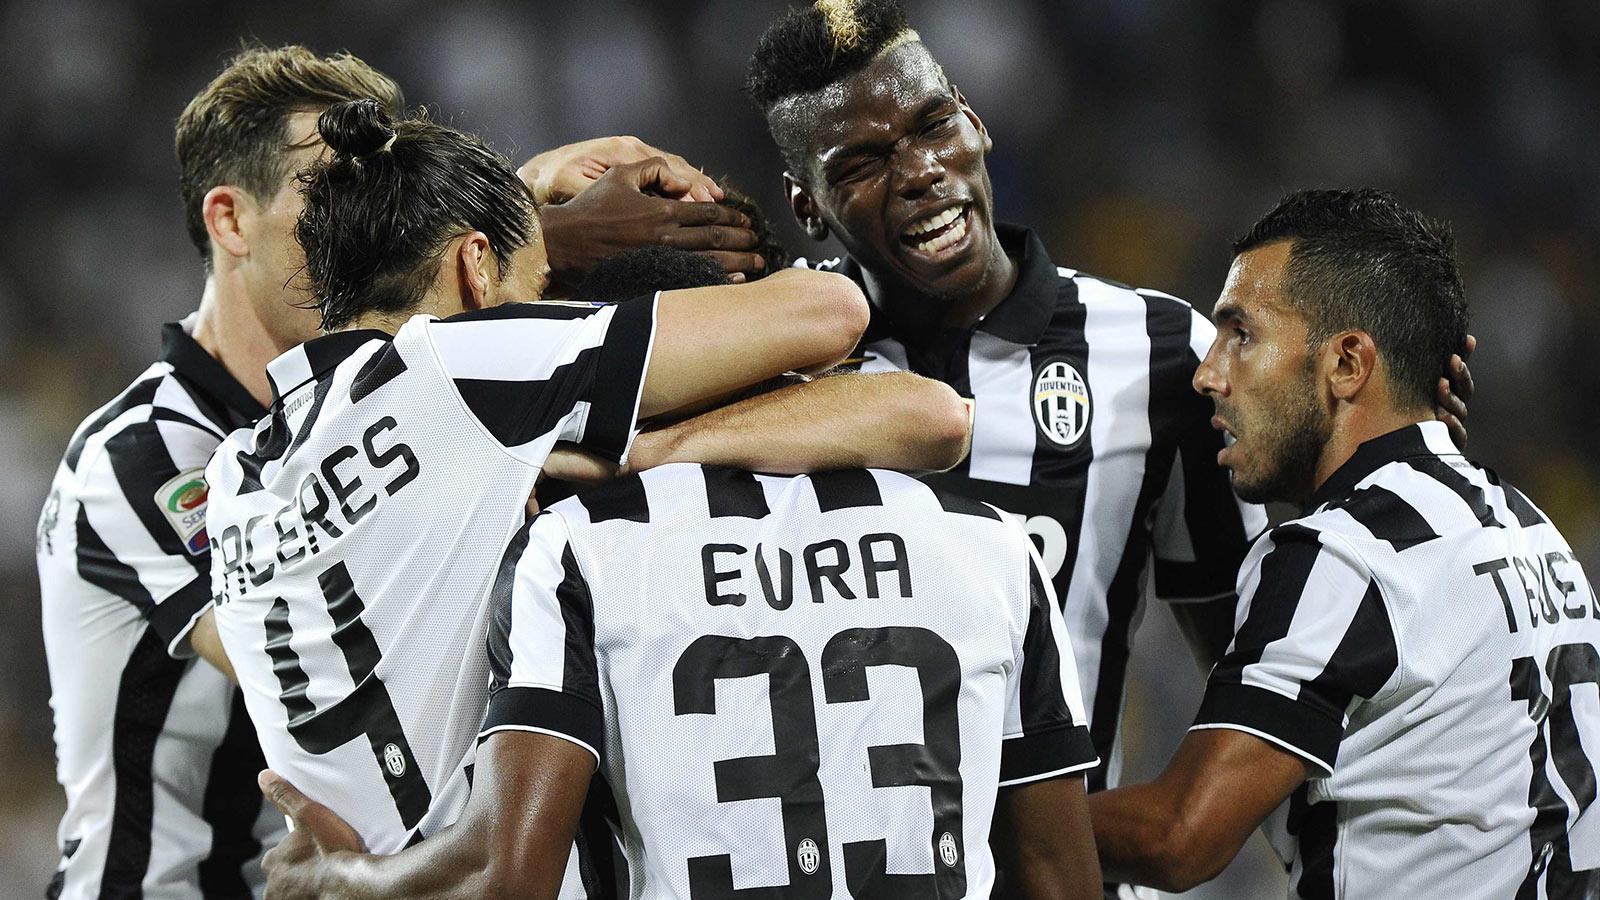 Juventus: bella vittoria contro l'Udinese, Tevez fa gol